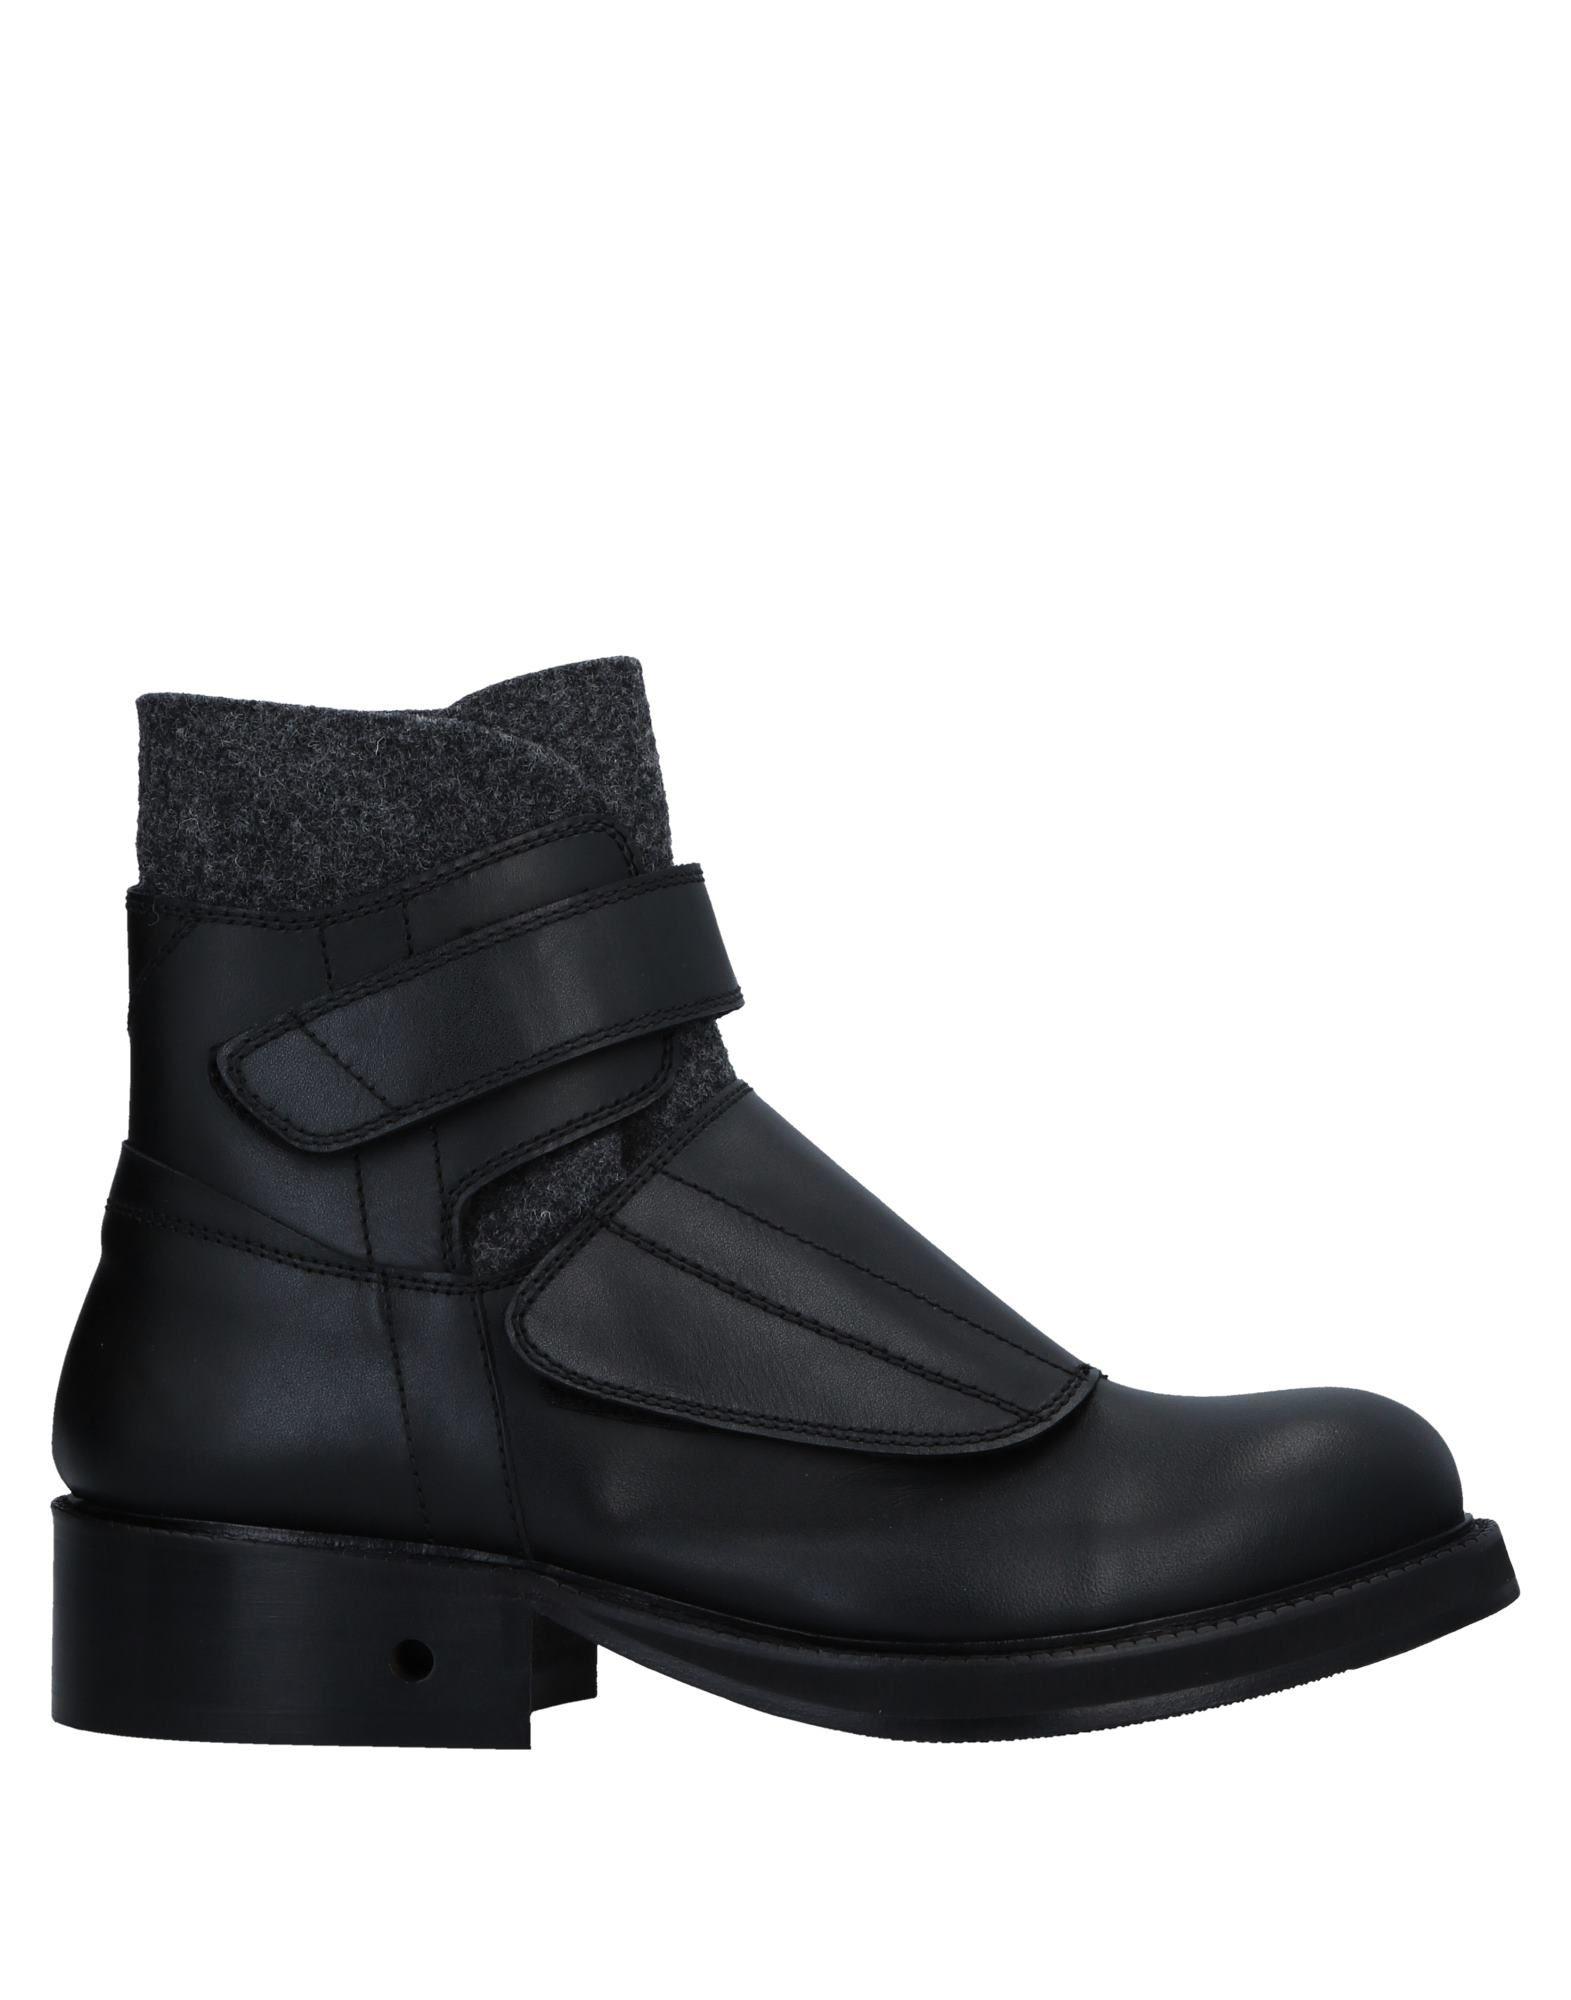 Dirk Bikkembergs Stiefelette Herren  11518048EK Gute Qualität beliebte Schuhe